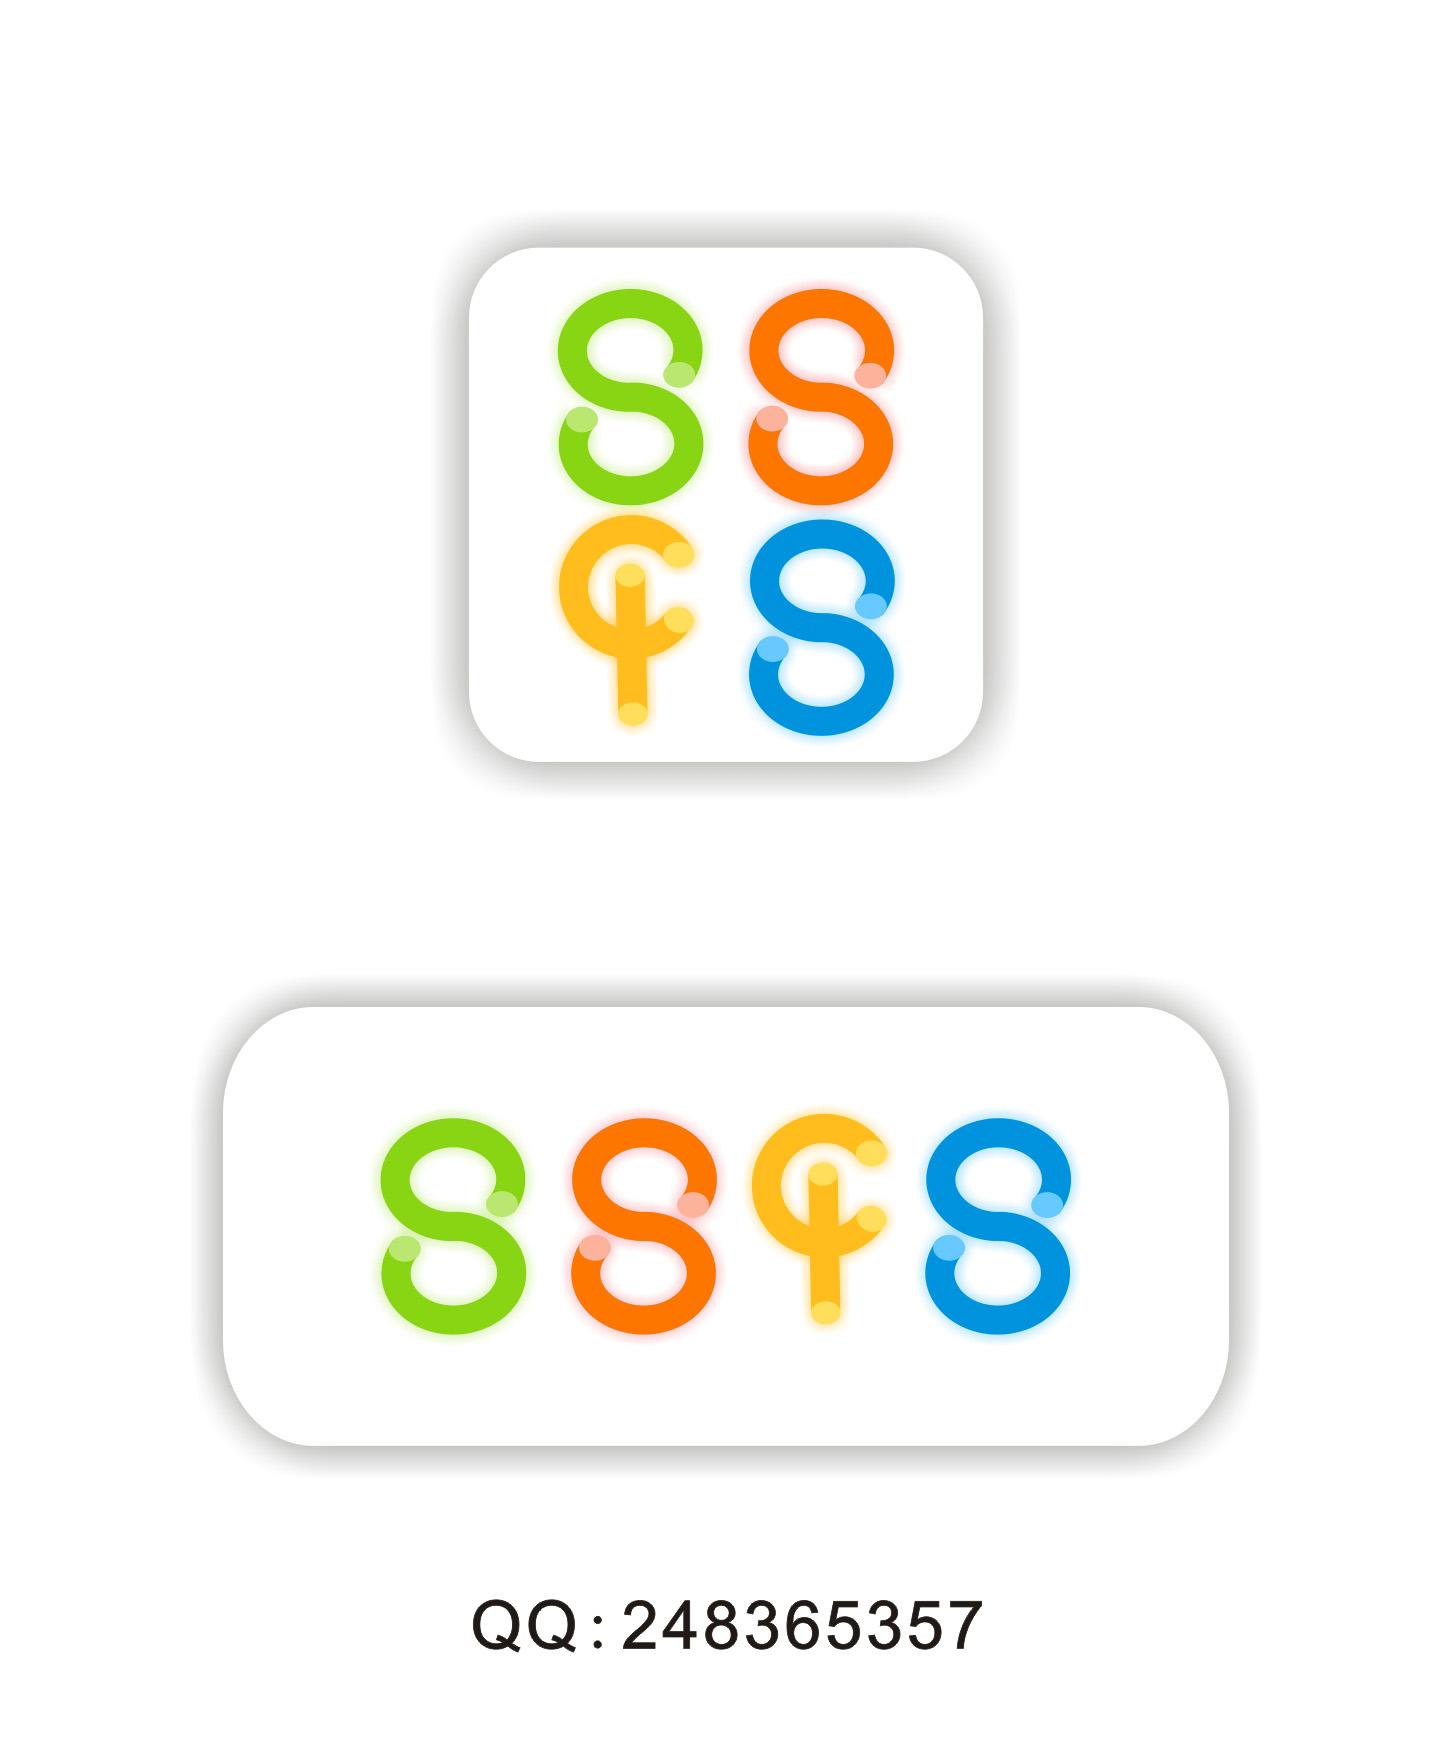 电商网站logo设计(内容有补充)_2964511_k68威客网